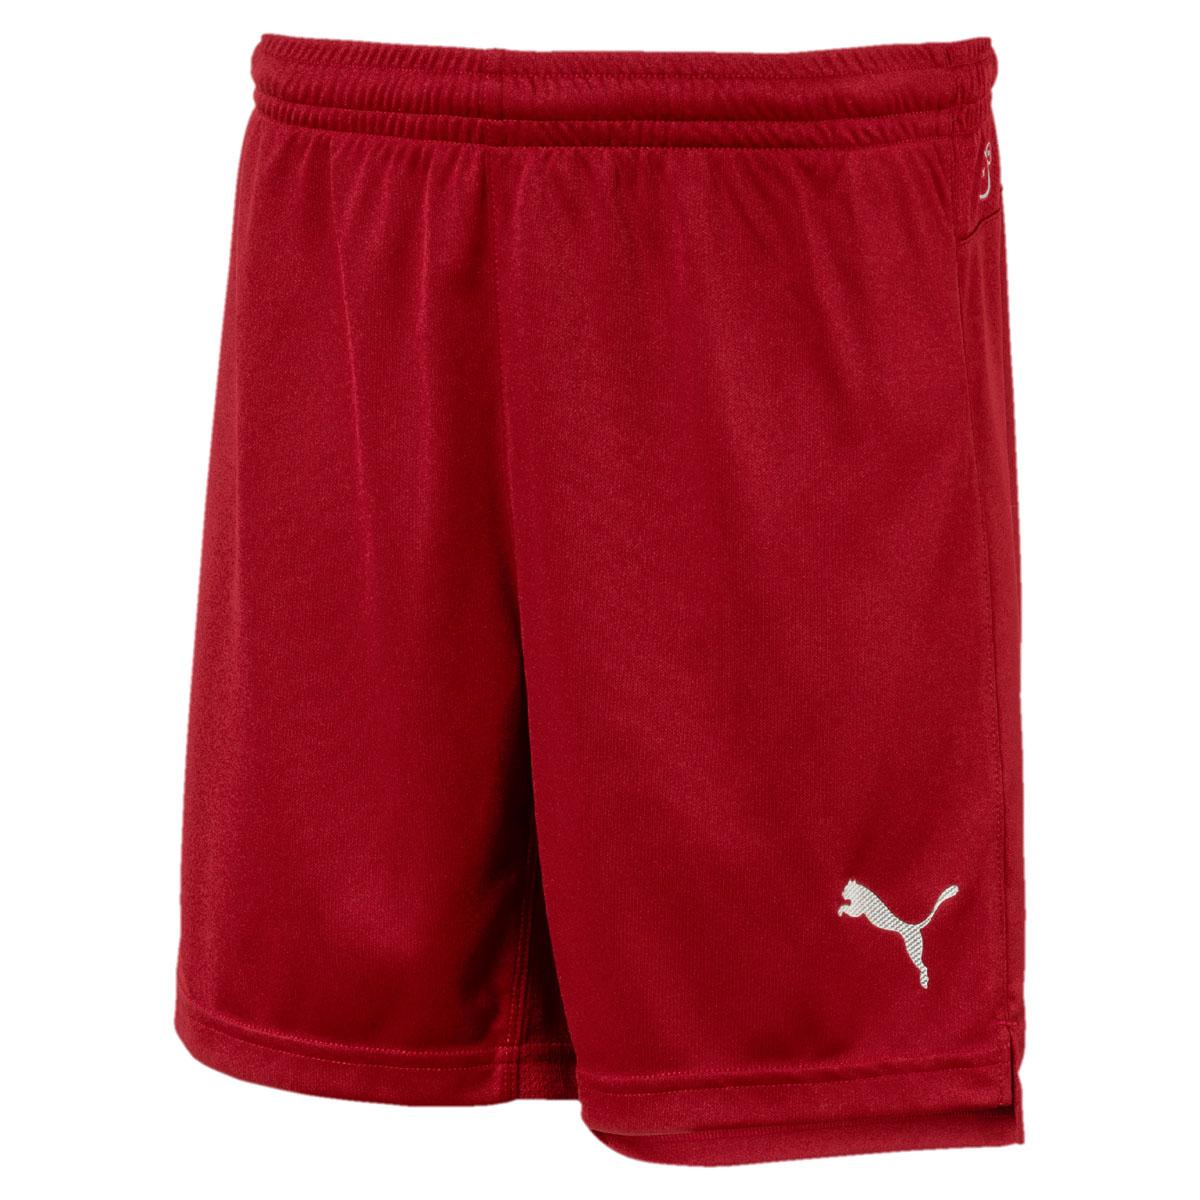 Шорты для мальчика Puma ftblNXT Shorts Jr, цвет: темно-красный. 65557402. Размер 152 игровая форма puma трусы футбольные puma esito shorts slip 70100102